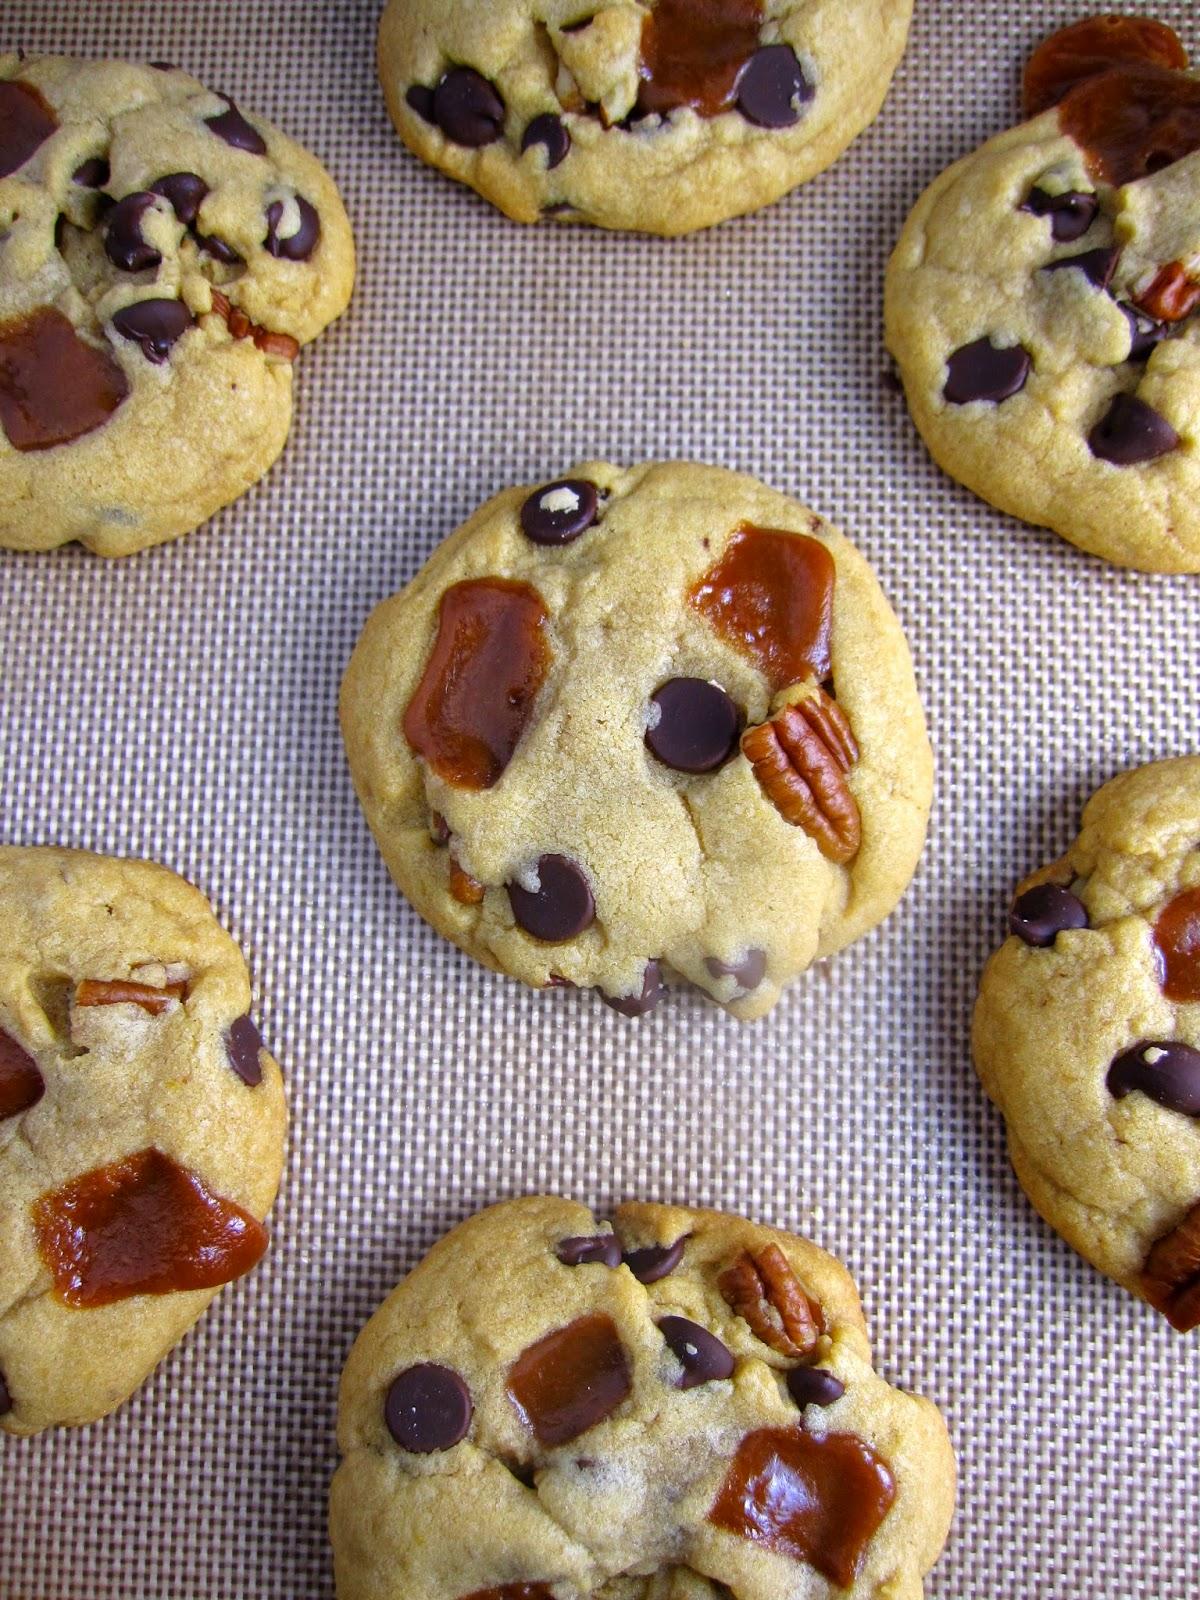 Chocolate, Caramel and Pecan Cookies